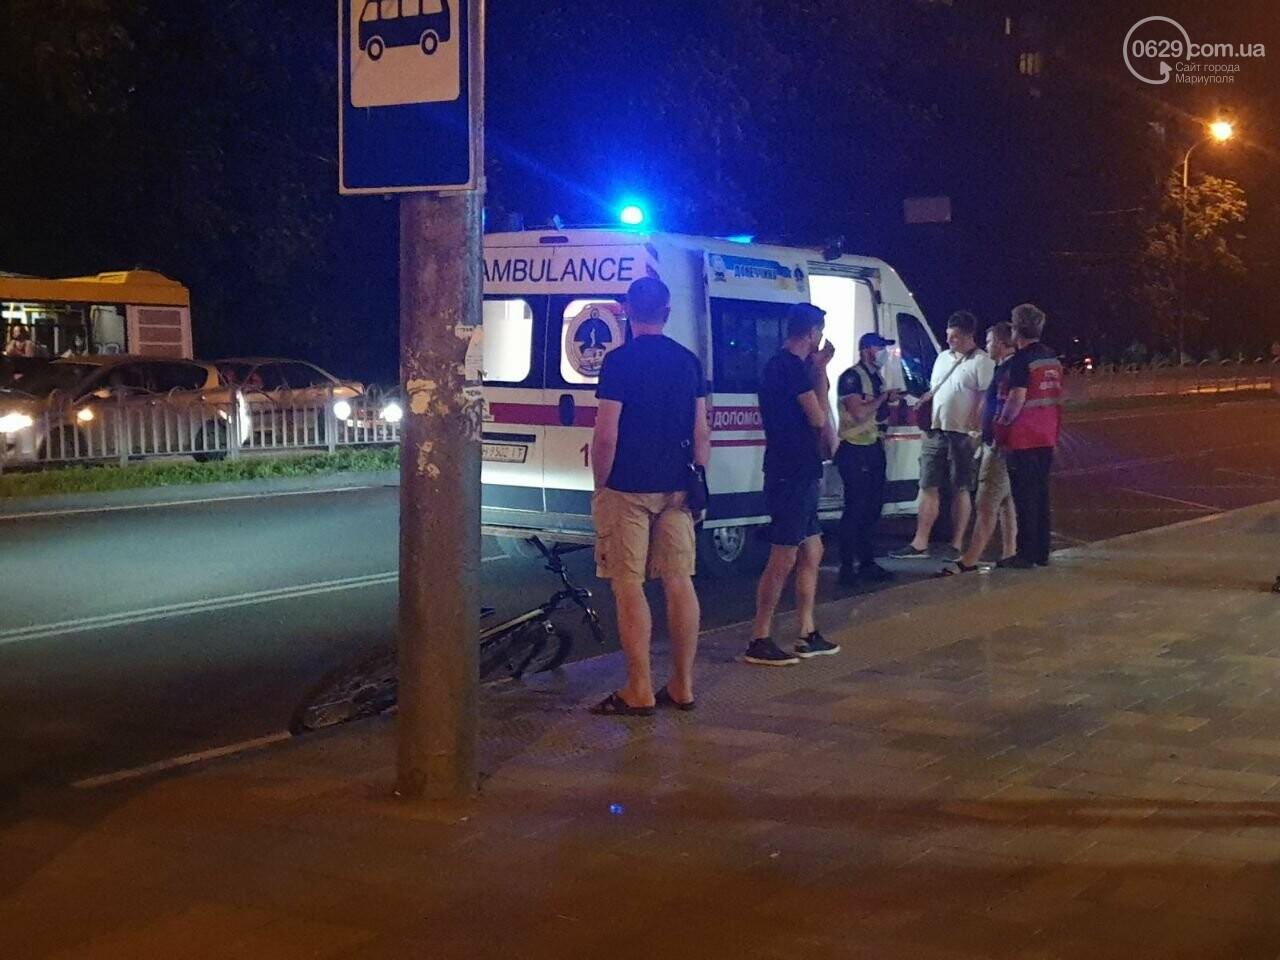 Кто виноват? В Мариуполе автомобиль на пешеходном переходе столкнулся с велосипедистом, - ФОТО, фото-1